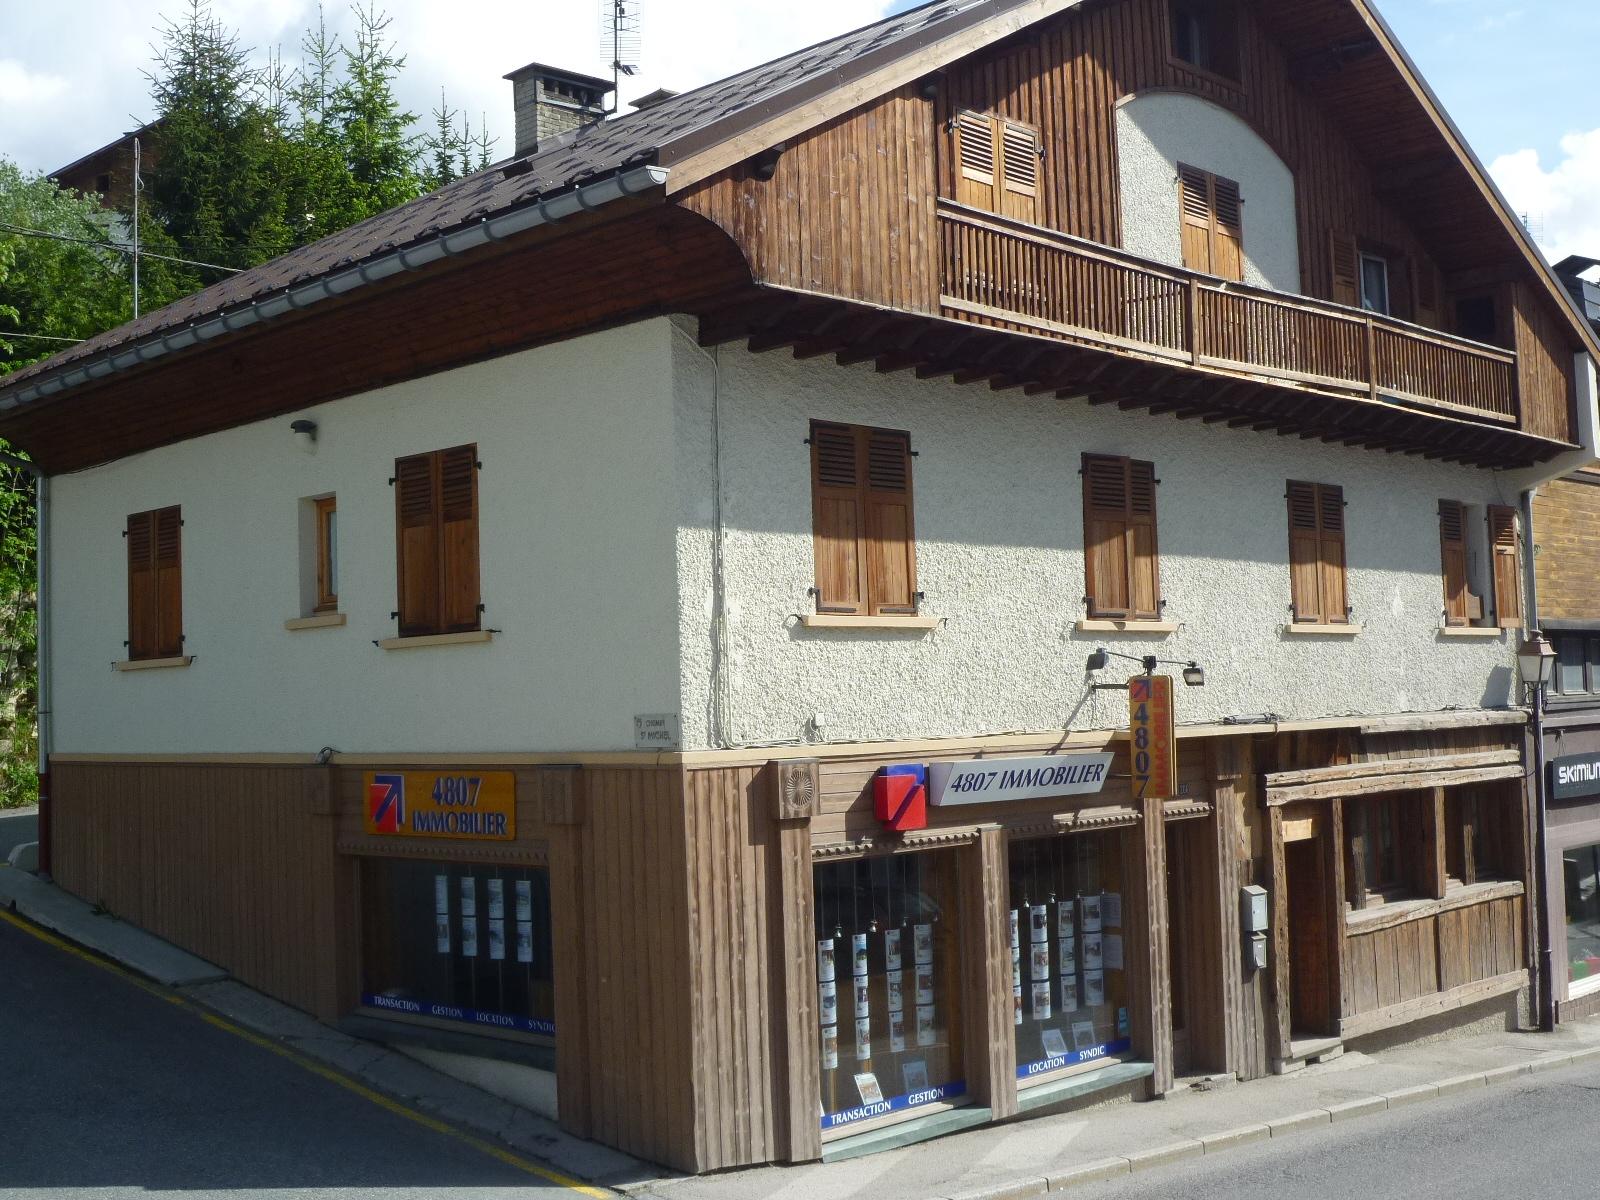 Agence immobilière4807 Immobilier Megève à Megève (74120)